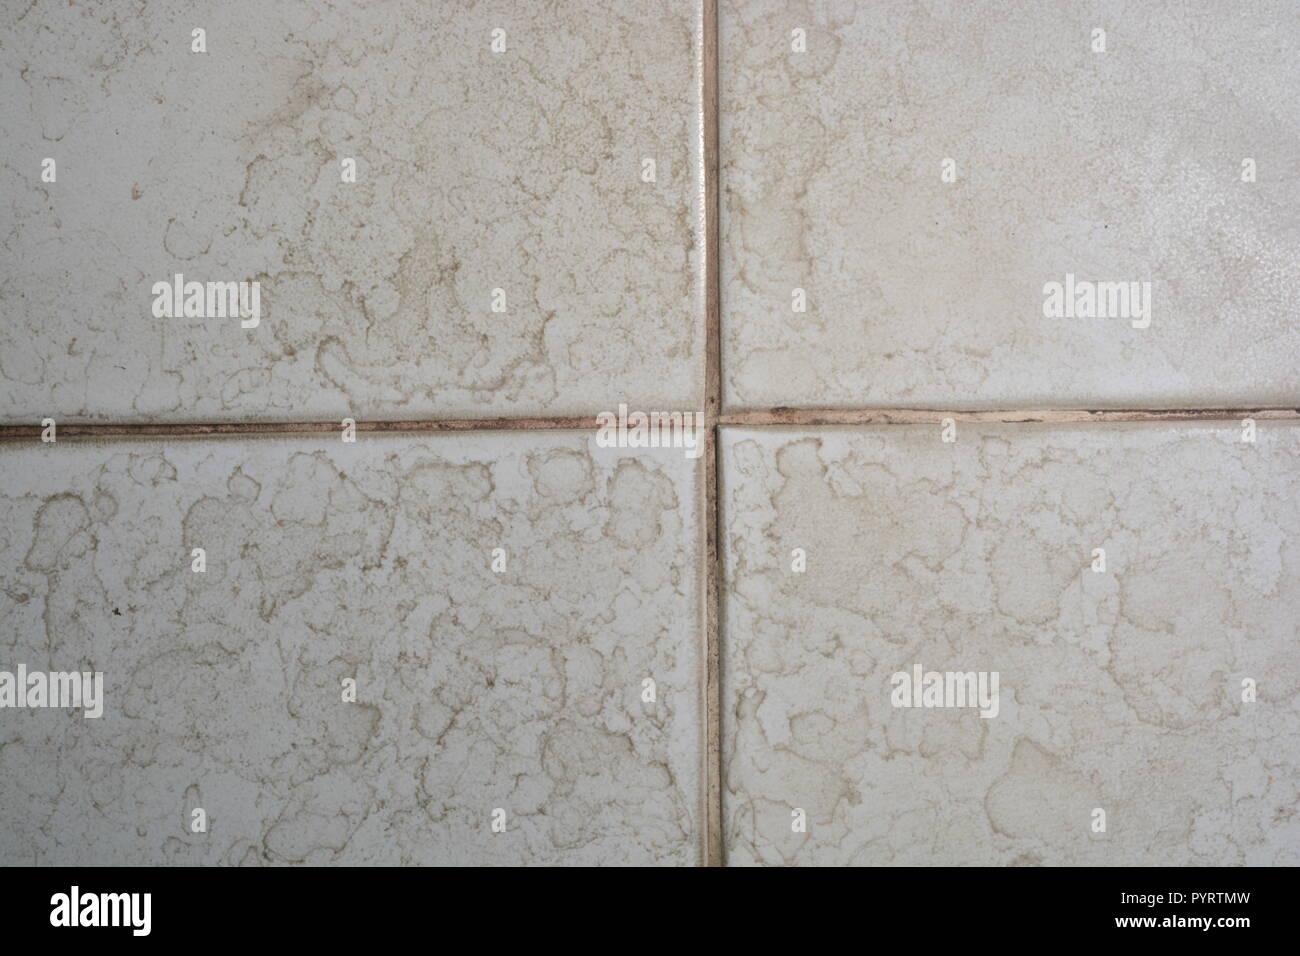 Chiusura del bagno piastrelle per pavimento texture con macchie di